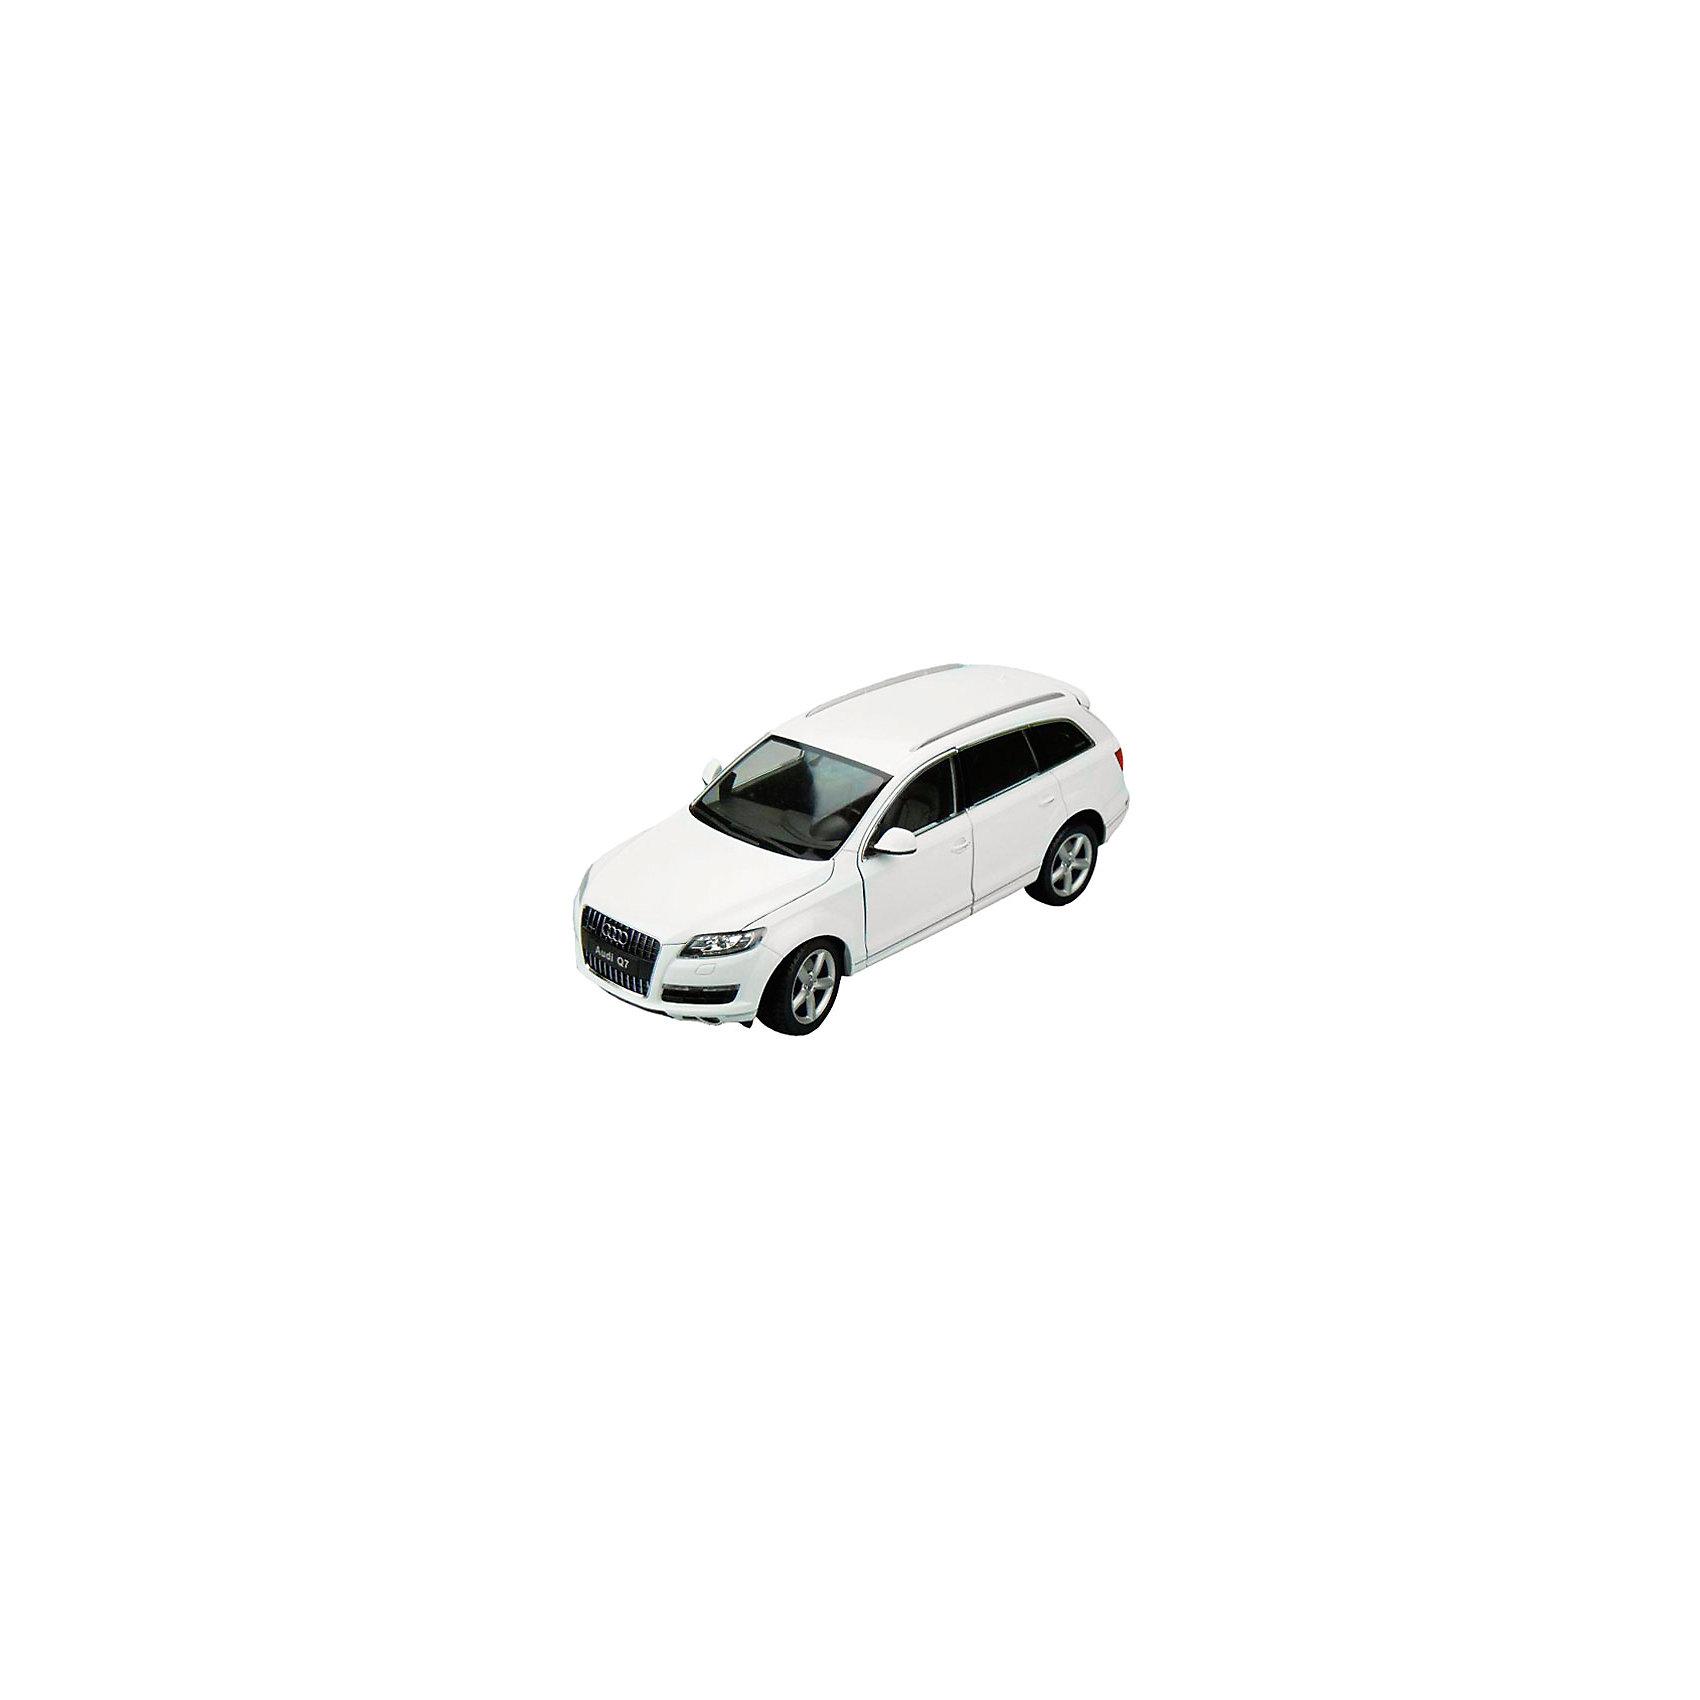 Модель машины 1:18 Audi Q7, WellyКоллекционные модели<br>Коллекционная модель машины Welly Audi Q7 масштаба 1:18. Это полноразмерный кроссовер, премьера которого состоялась в сенябре 2015 года, довольно мощный и вместительный автомобиль. Игрушка функциональна: открываются двери и капот, передние колеса вращаются от вращений руля. Тщательно детализирована: проработан интерьер салона, а также содержимое капота.  Обратите внимание, машина представлена в цветовом ассортименте, выбранный вариант в поставке не гарантирован.<br><br>Ширина мм: 160<br>Глубина мм: 135<br>Высота мм: 330<br>Вес г: 1463<br>Возраст от месяцев: 36<br>Возраст до месяцев: 192<br>Пол: Мужской<br>Возраст: Детский<br>SKU: 4966477